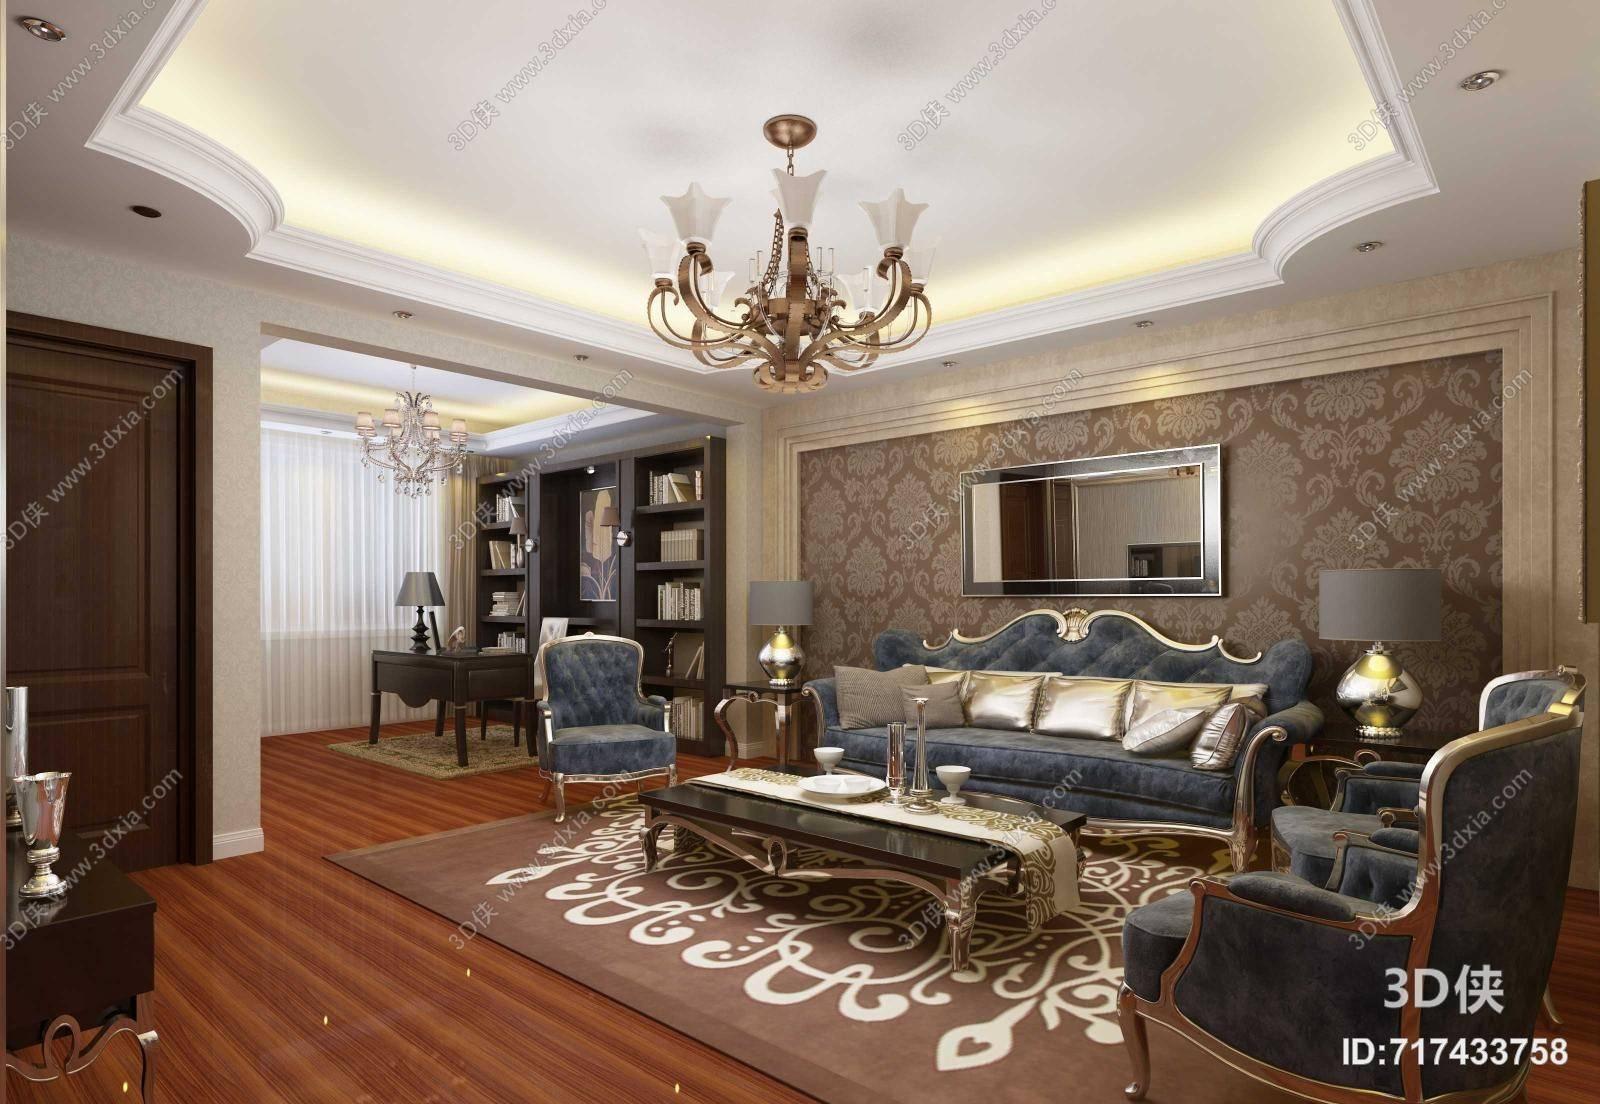 经典欧式铁艺吊灯 经典欧式蓝色布艺沙发茶几组合 玻璃镜子墙饰